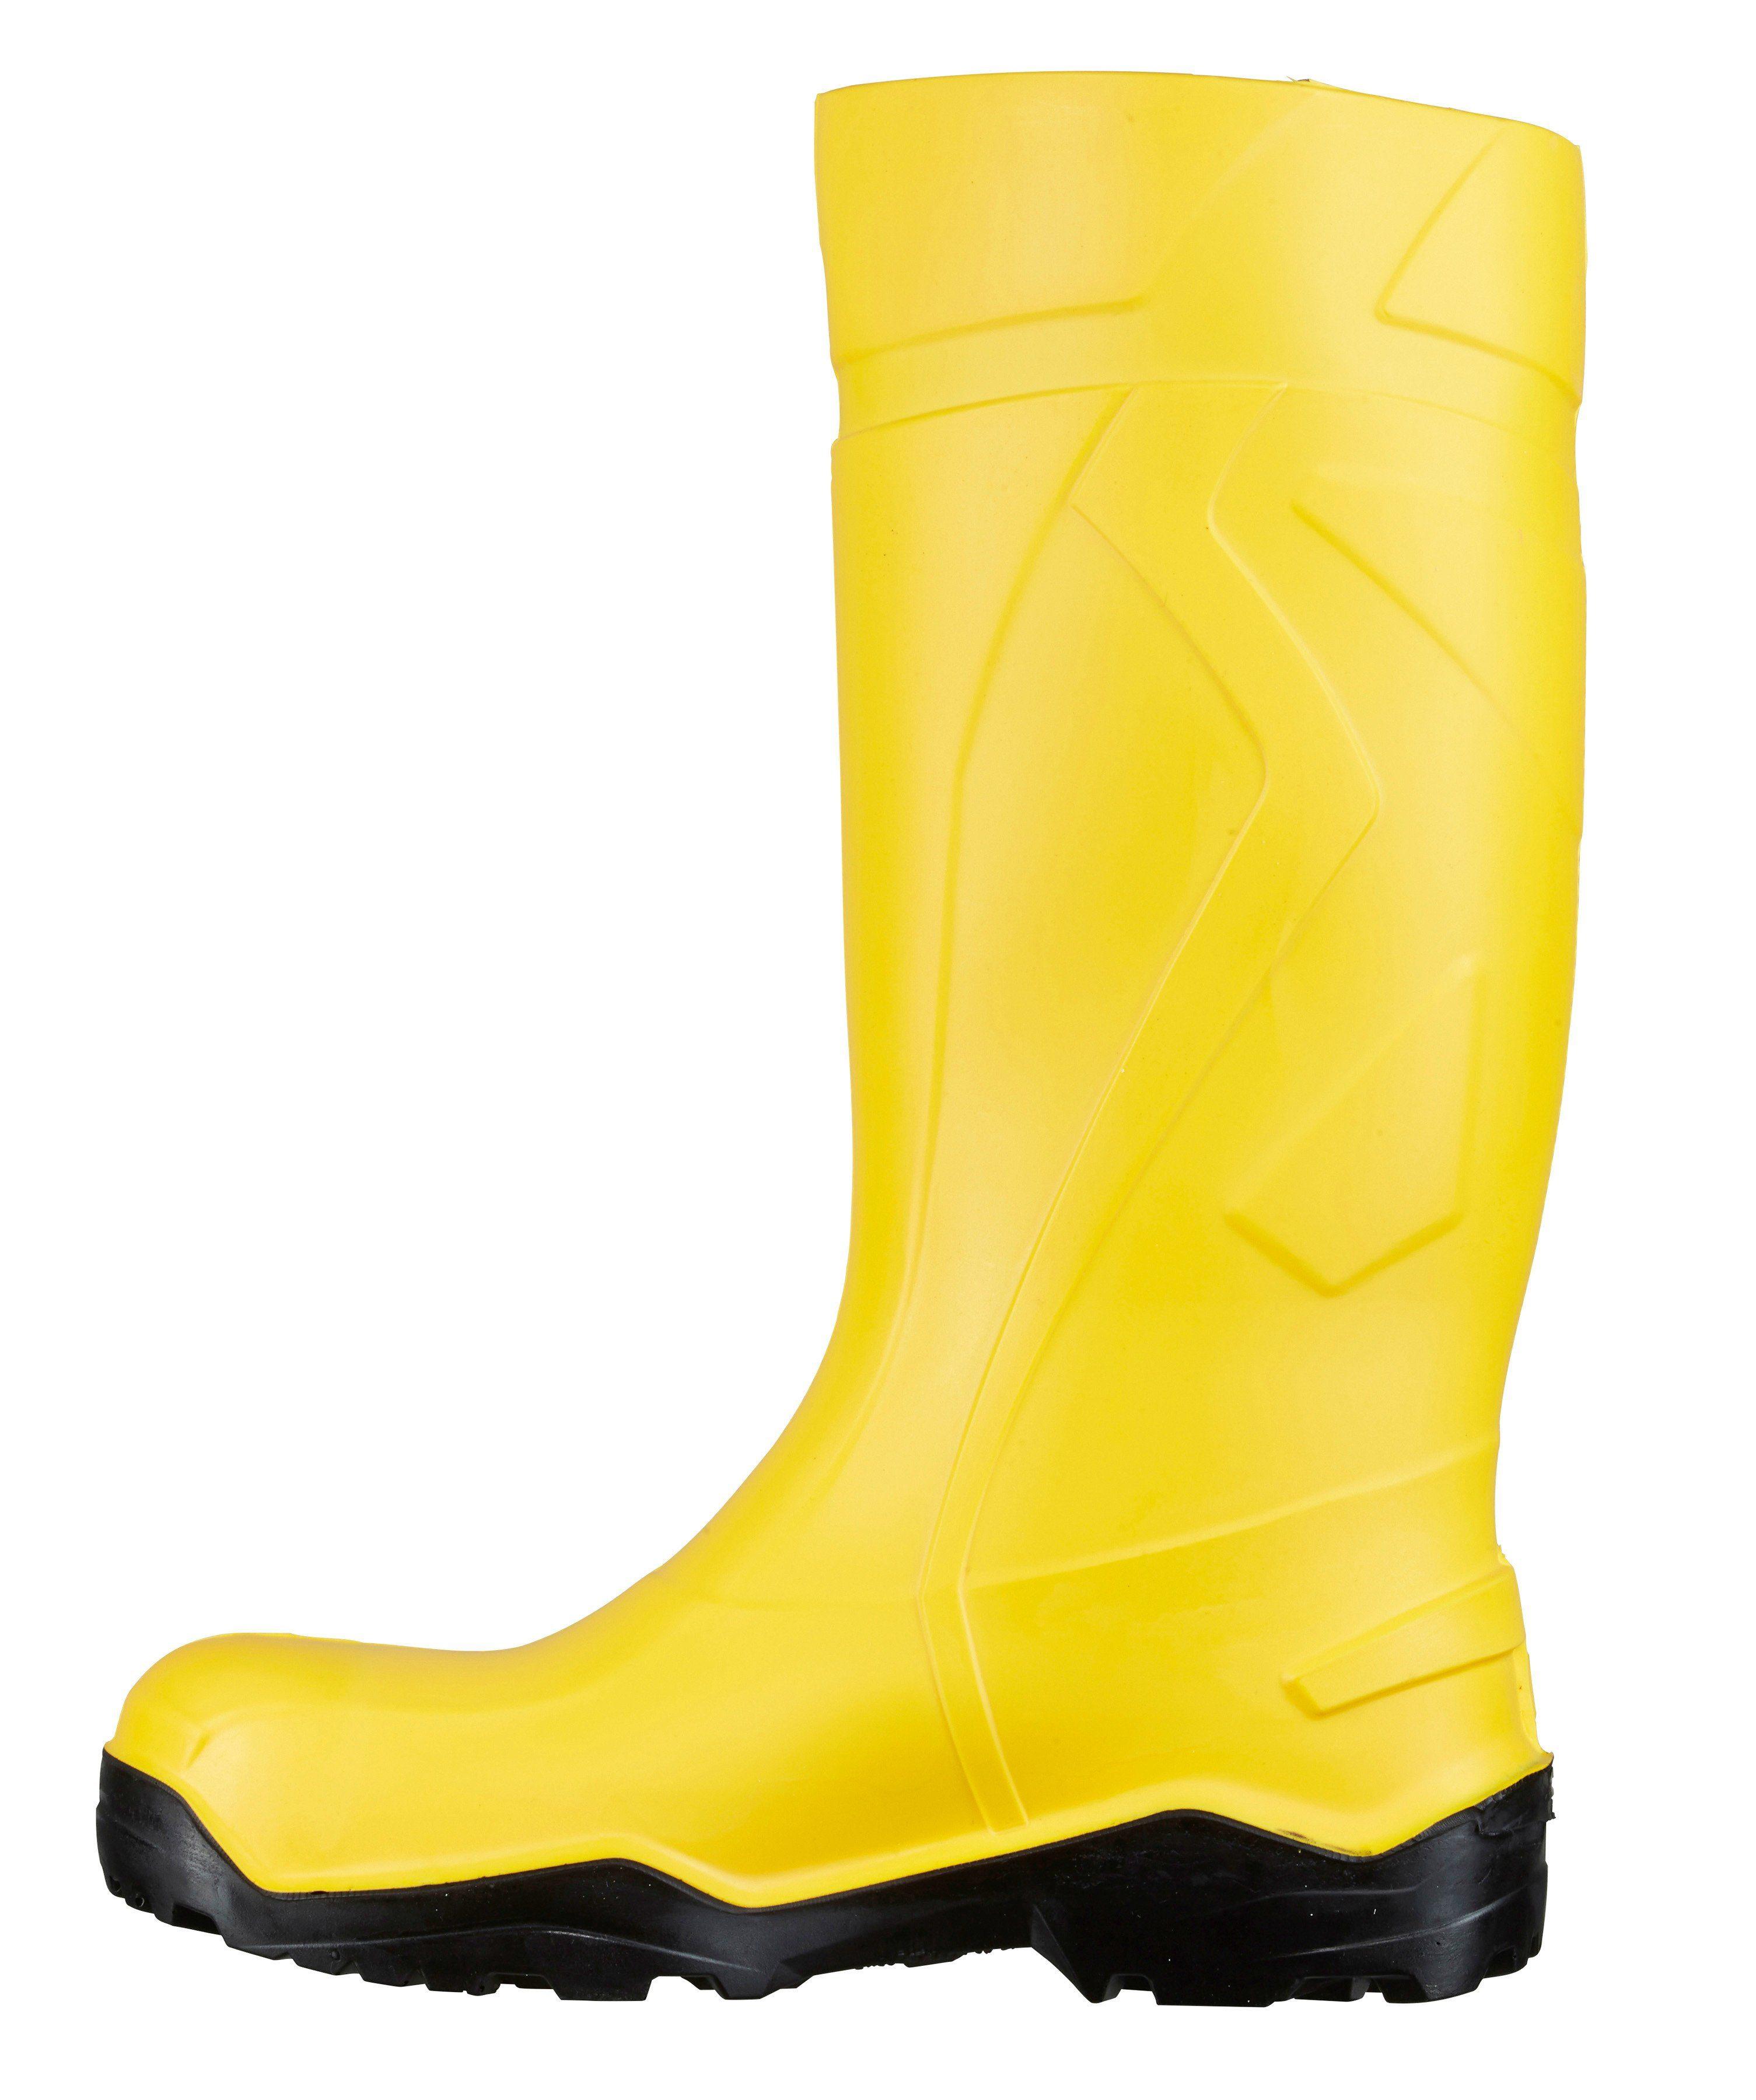 Schwarz Artikel Kaufen Stiefel Dunlop Gummistiefel 635584a Purofort nr qx6OqZFgnw